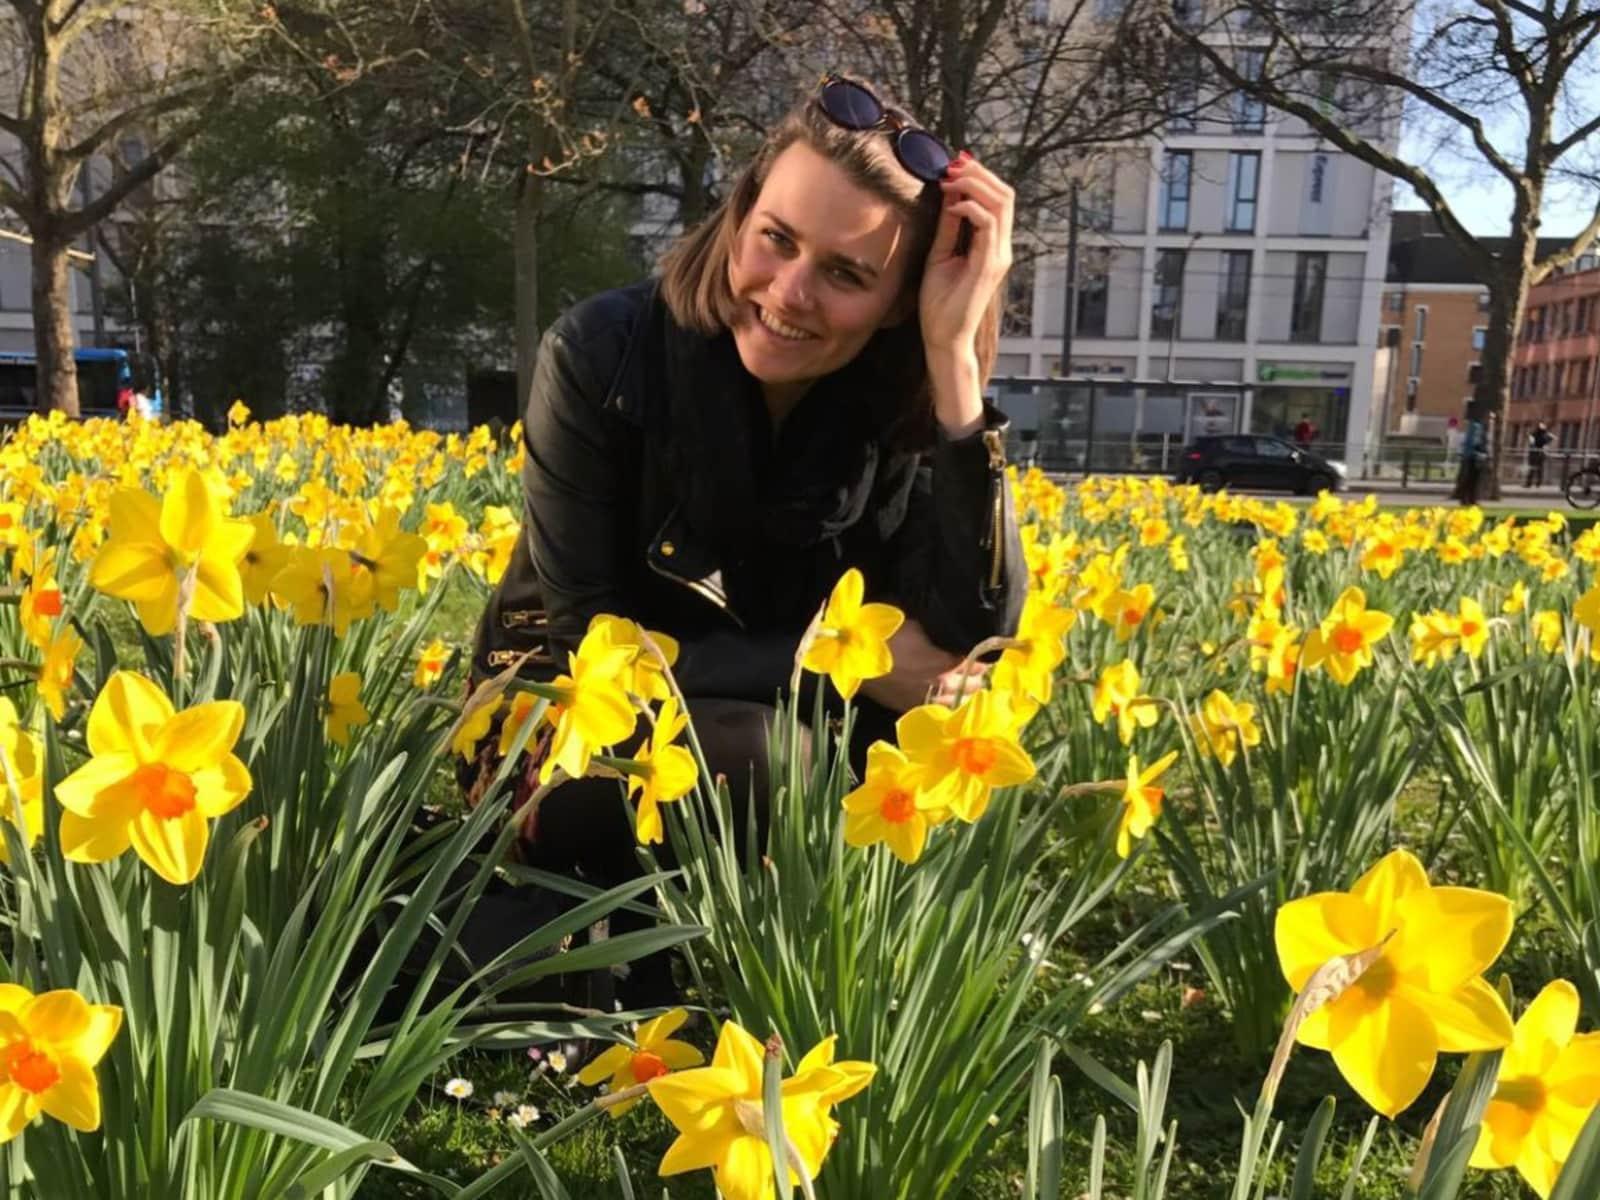 Klarissa from Rotterdam, Netherlands